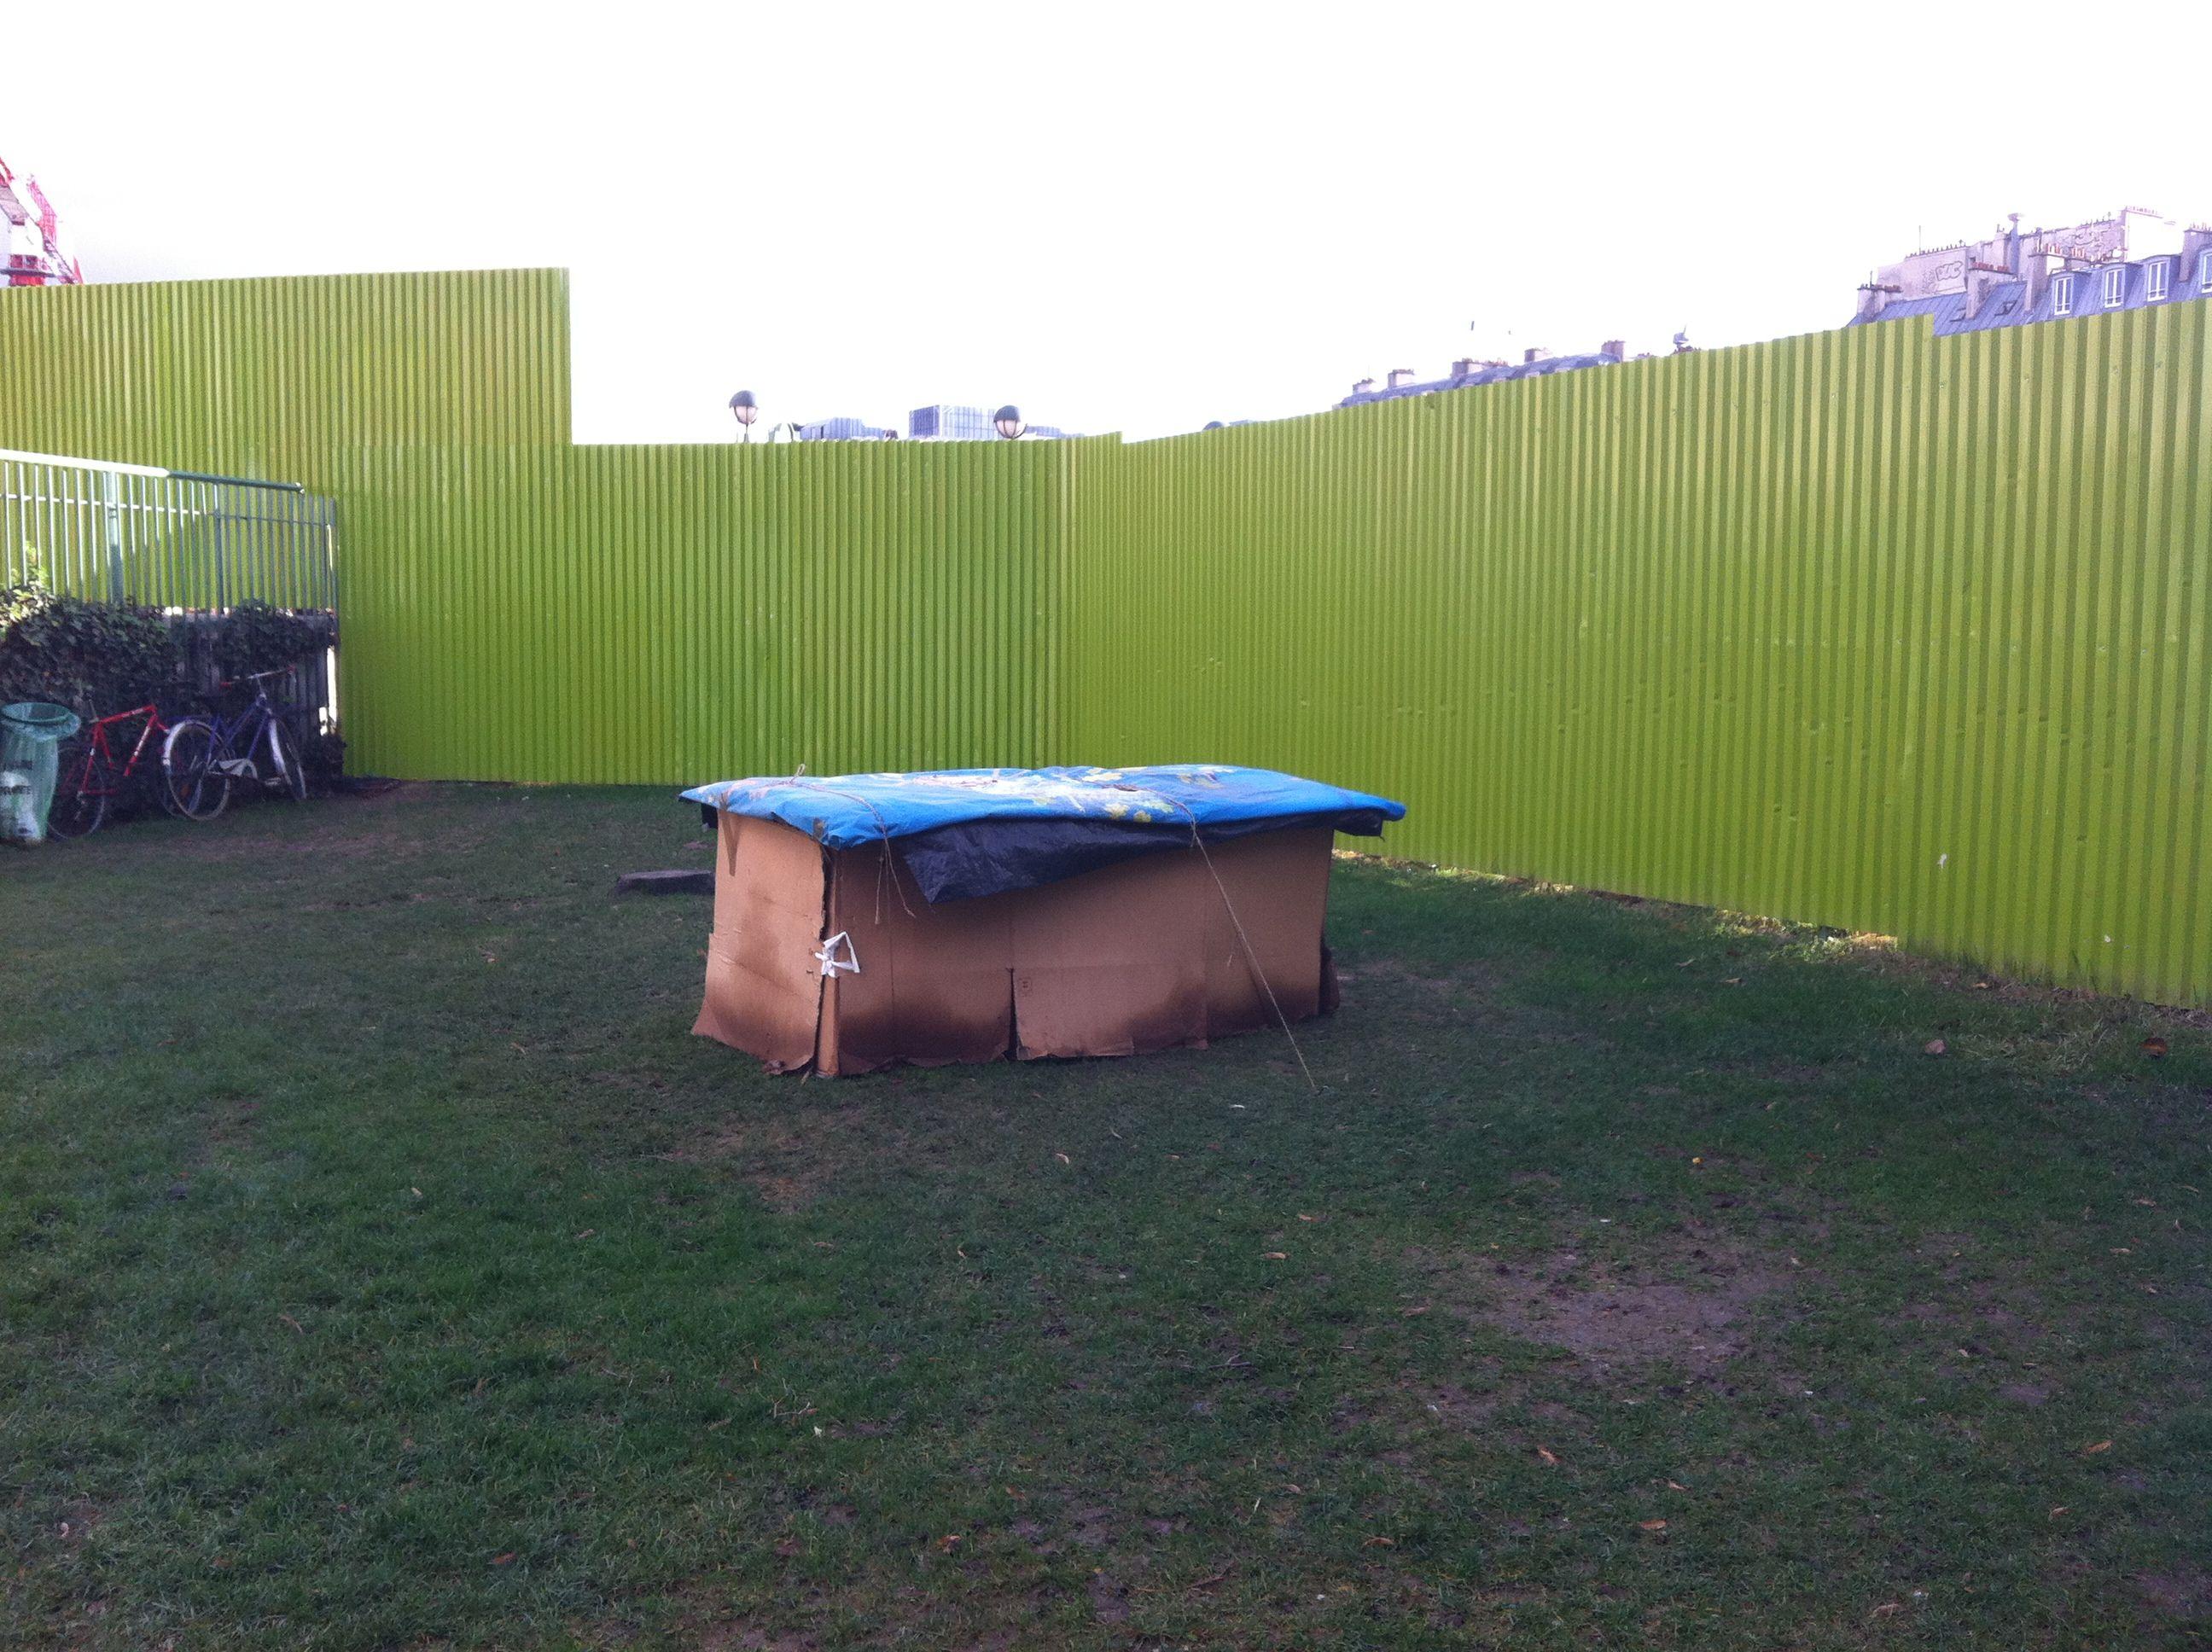 Forum travaux maison faire construire sa maison pas cher for Nettoyage terrasse eau de javel